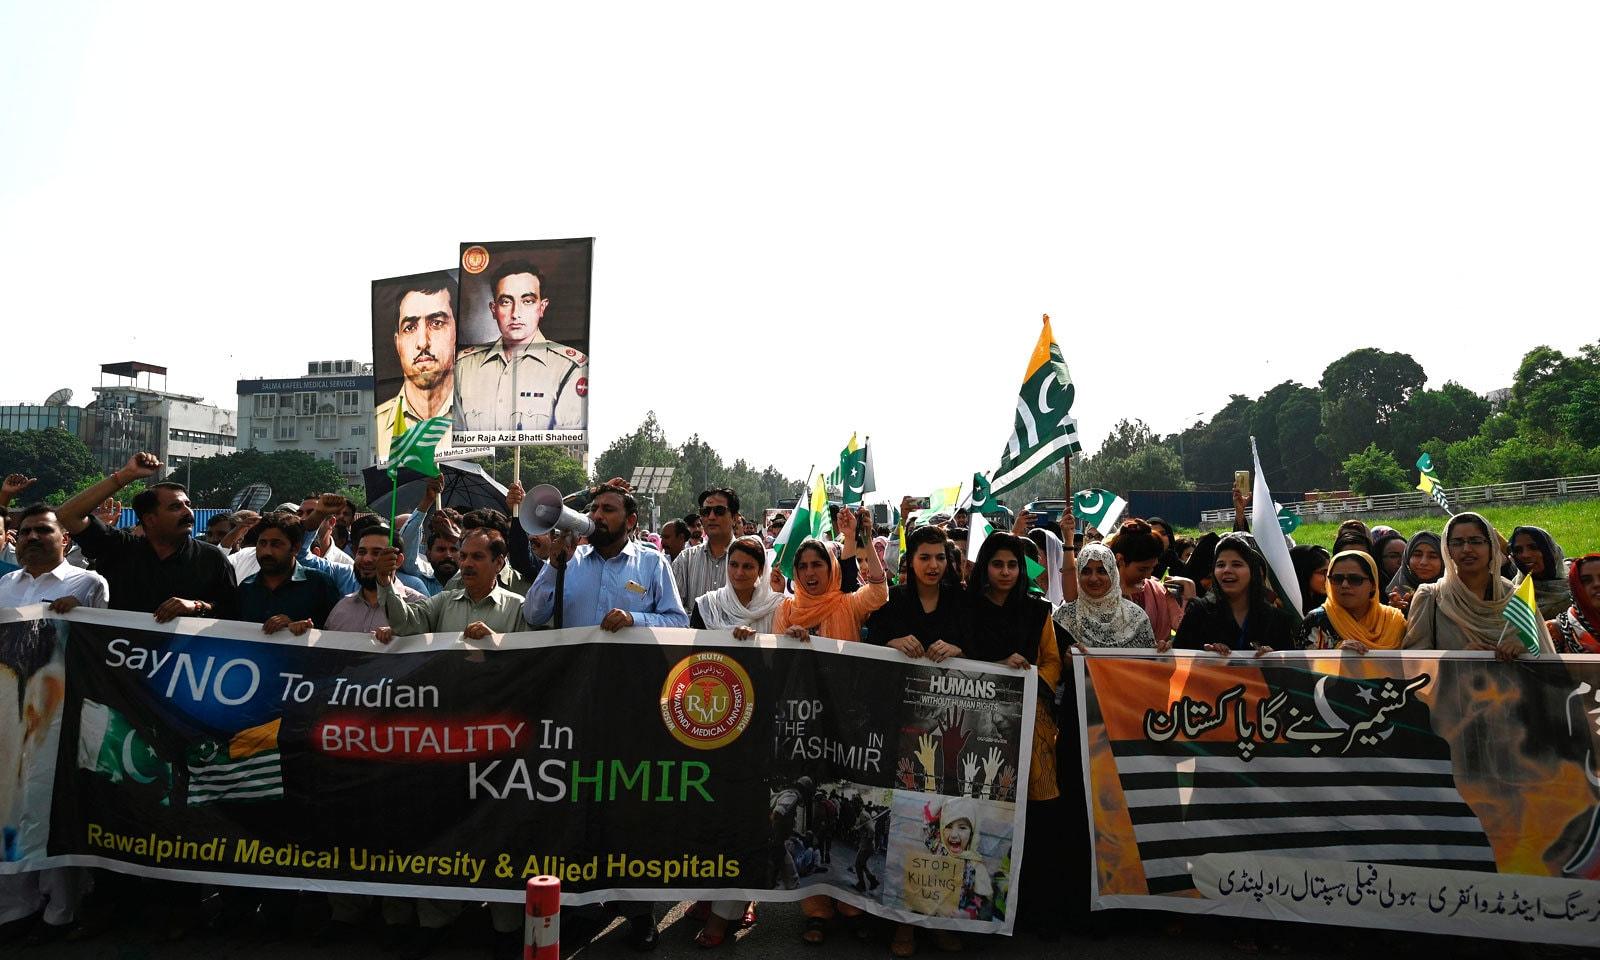 ڈاکٹروں اور پیرامیڈیکل استاف نے کشمیریوں کو ادویات کی عدم فراہمی کے خلاف احتجاج کیا — فوٹو: اے ایف پی